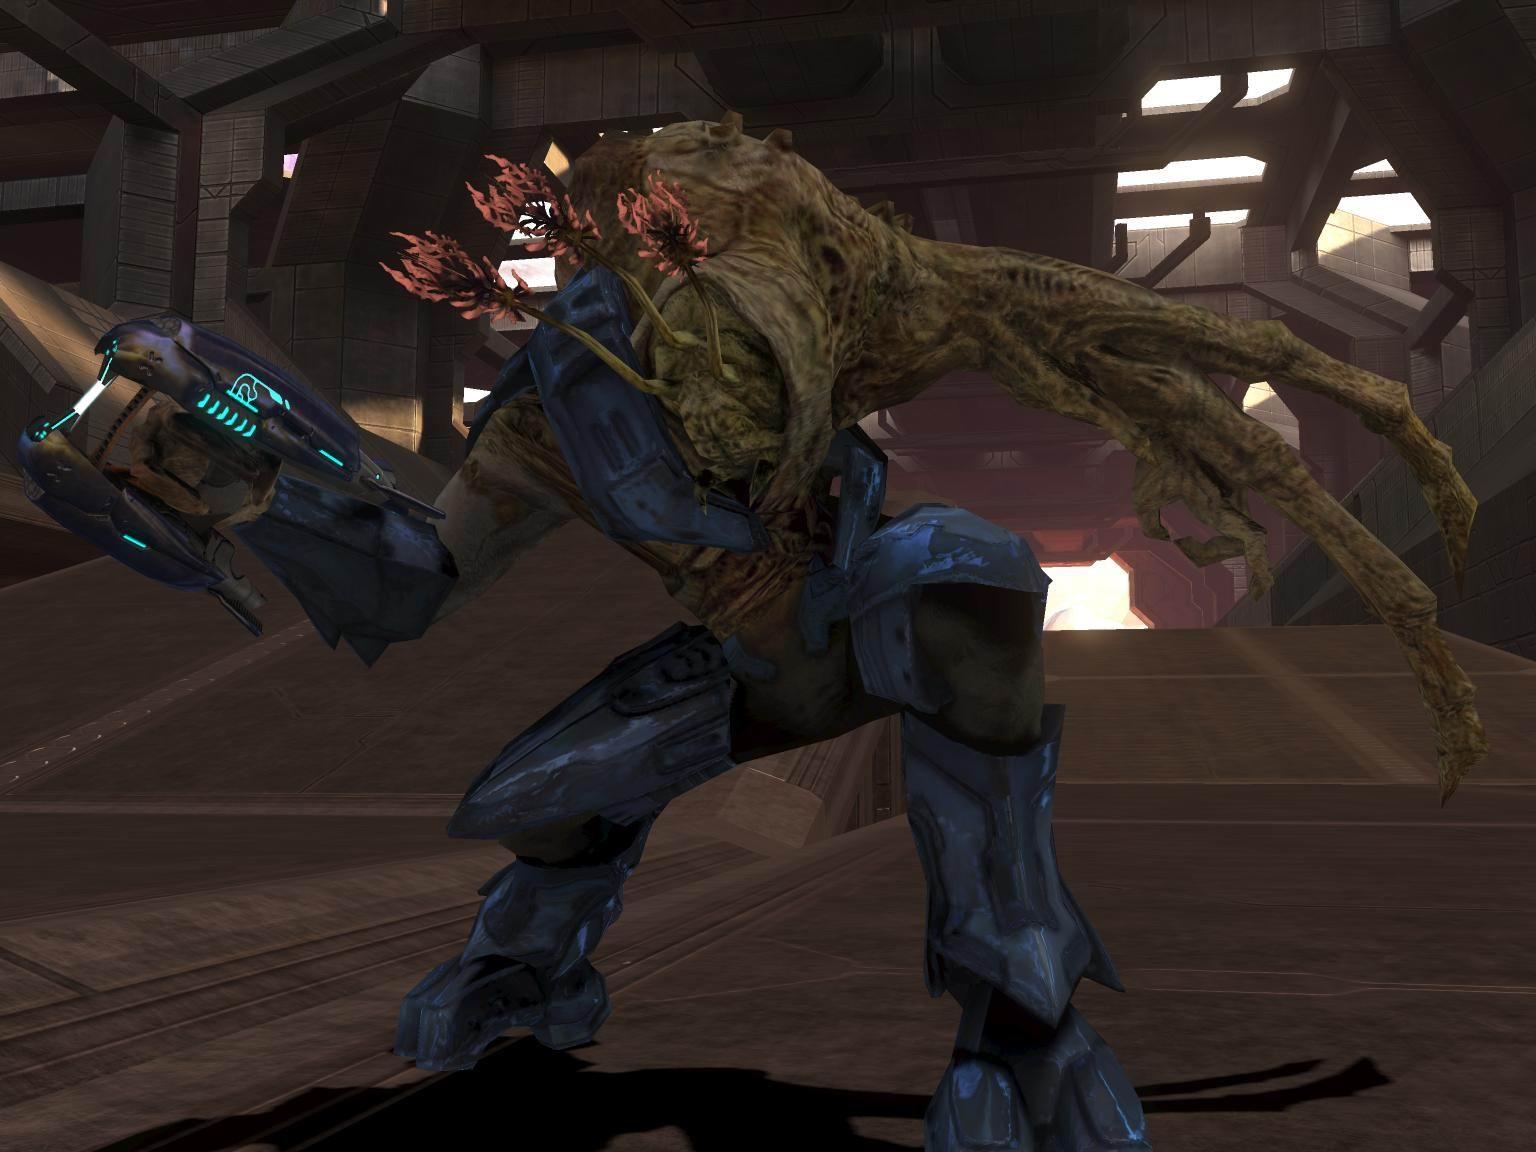 Halo 3 Elites vs Halo 4 Elites Original Halo 3 Elite